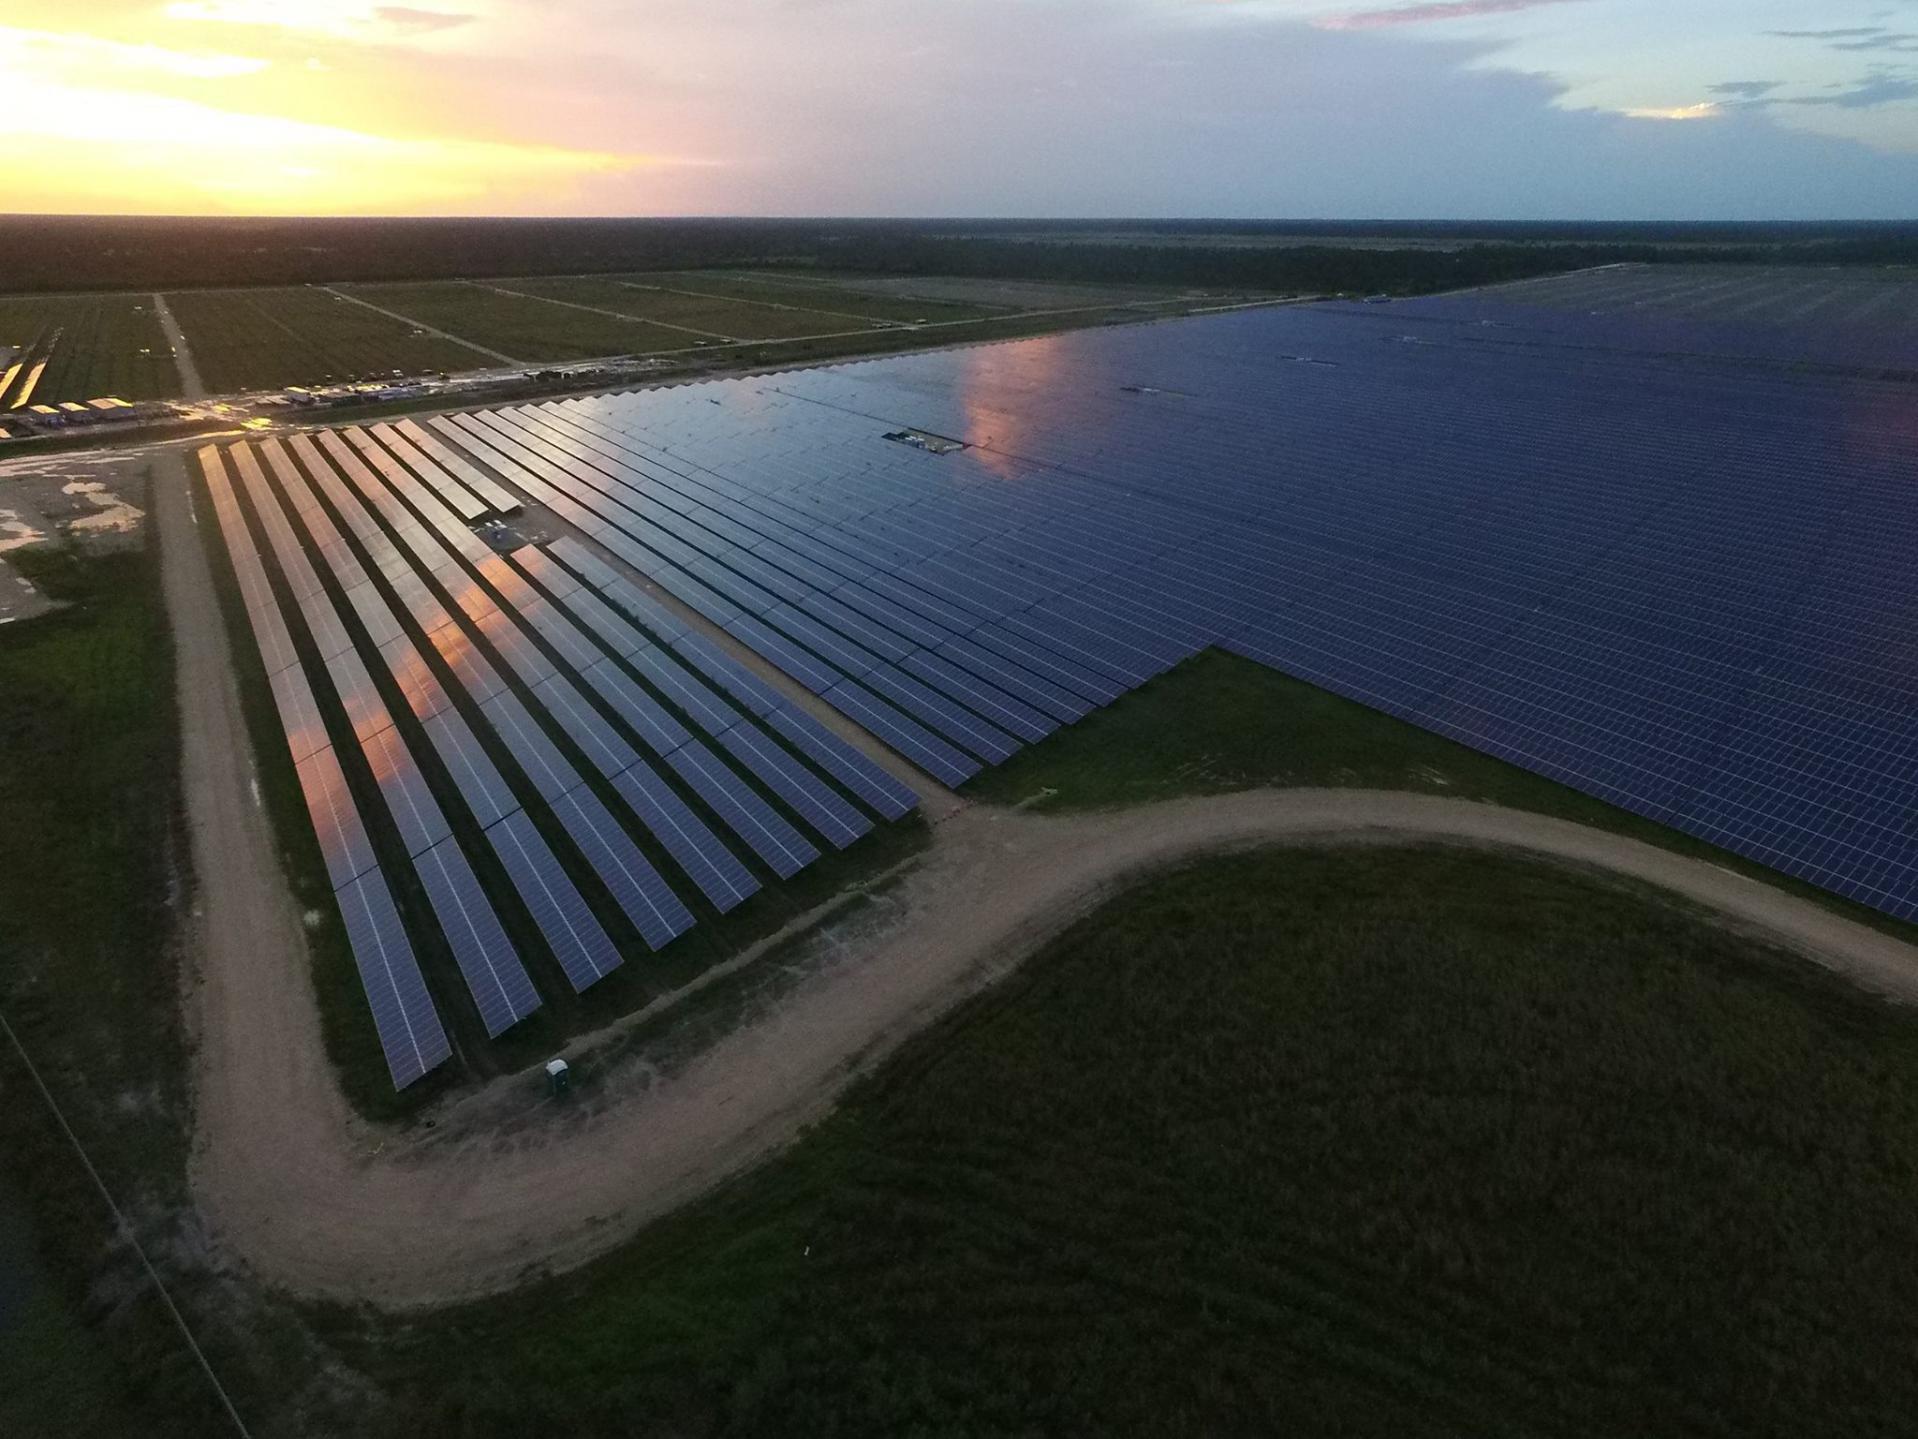 Nascerà nel 2017 la prima città solare del mondo. Benvenuti a Babcock Ranch